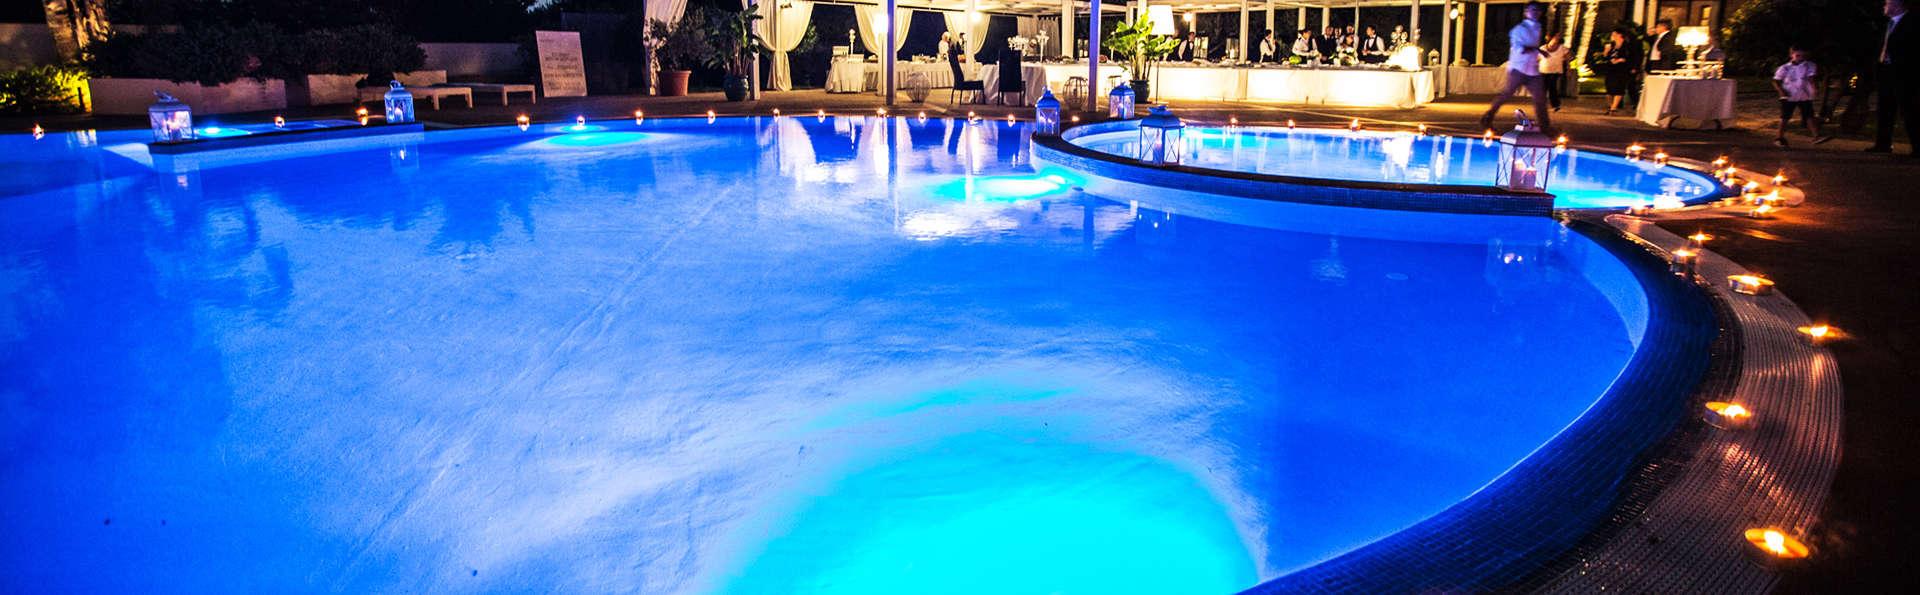 Magaggiari Hotel Resort - edit_pool1.jpg